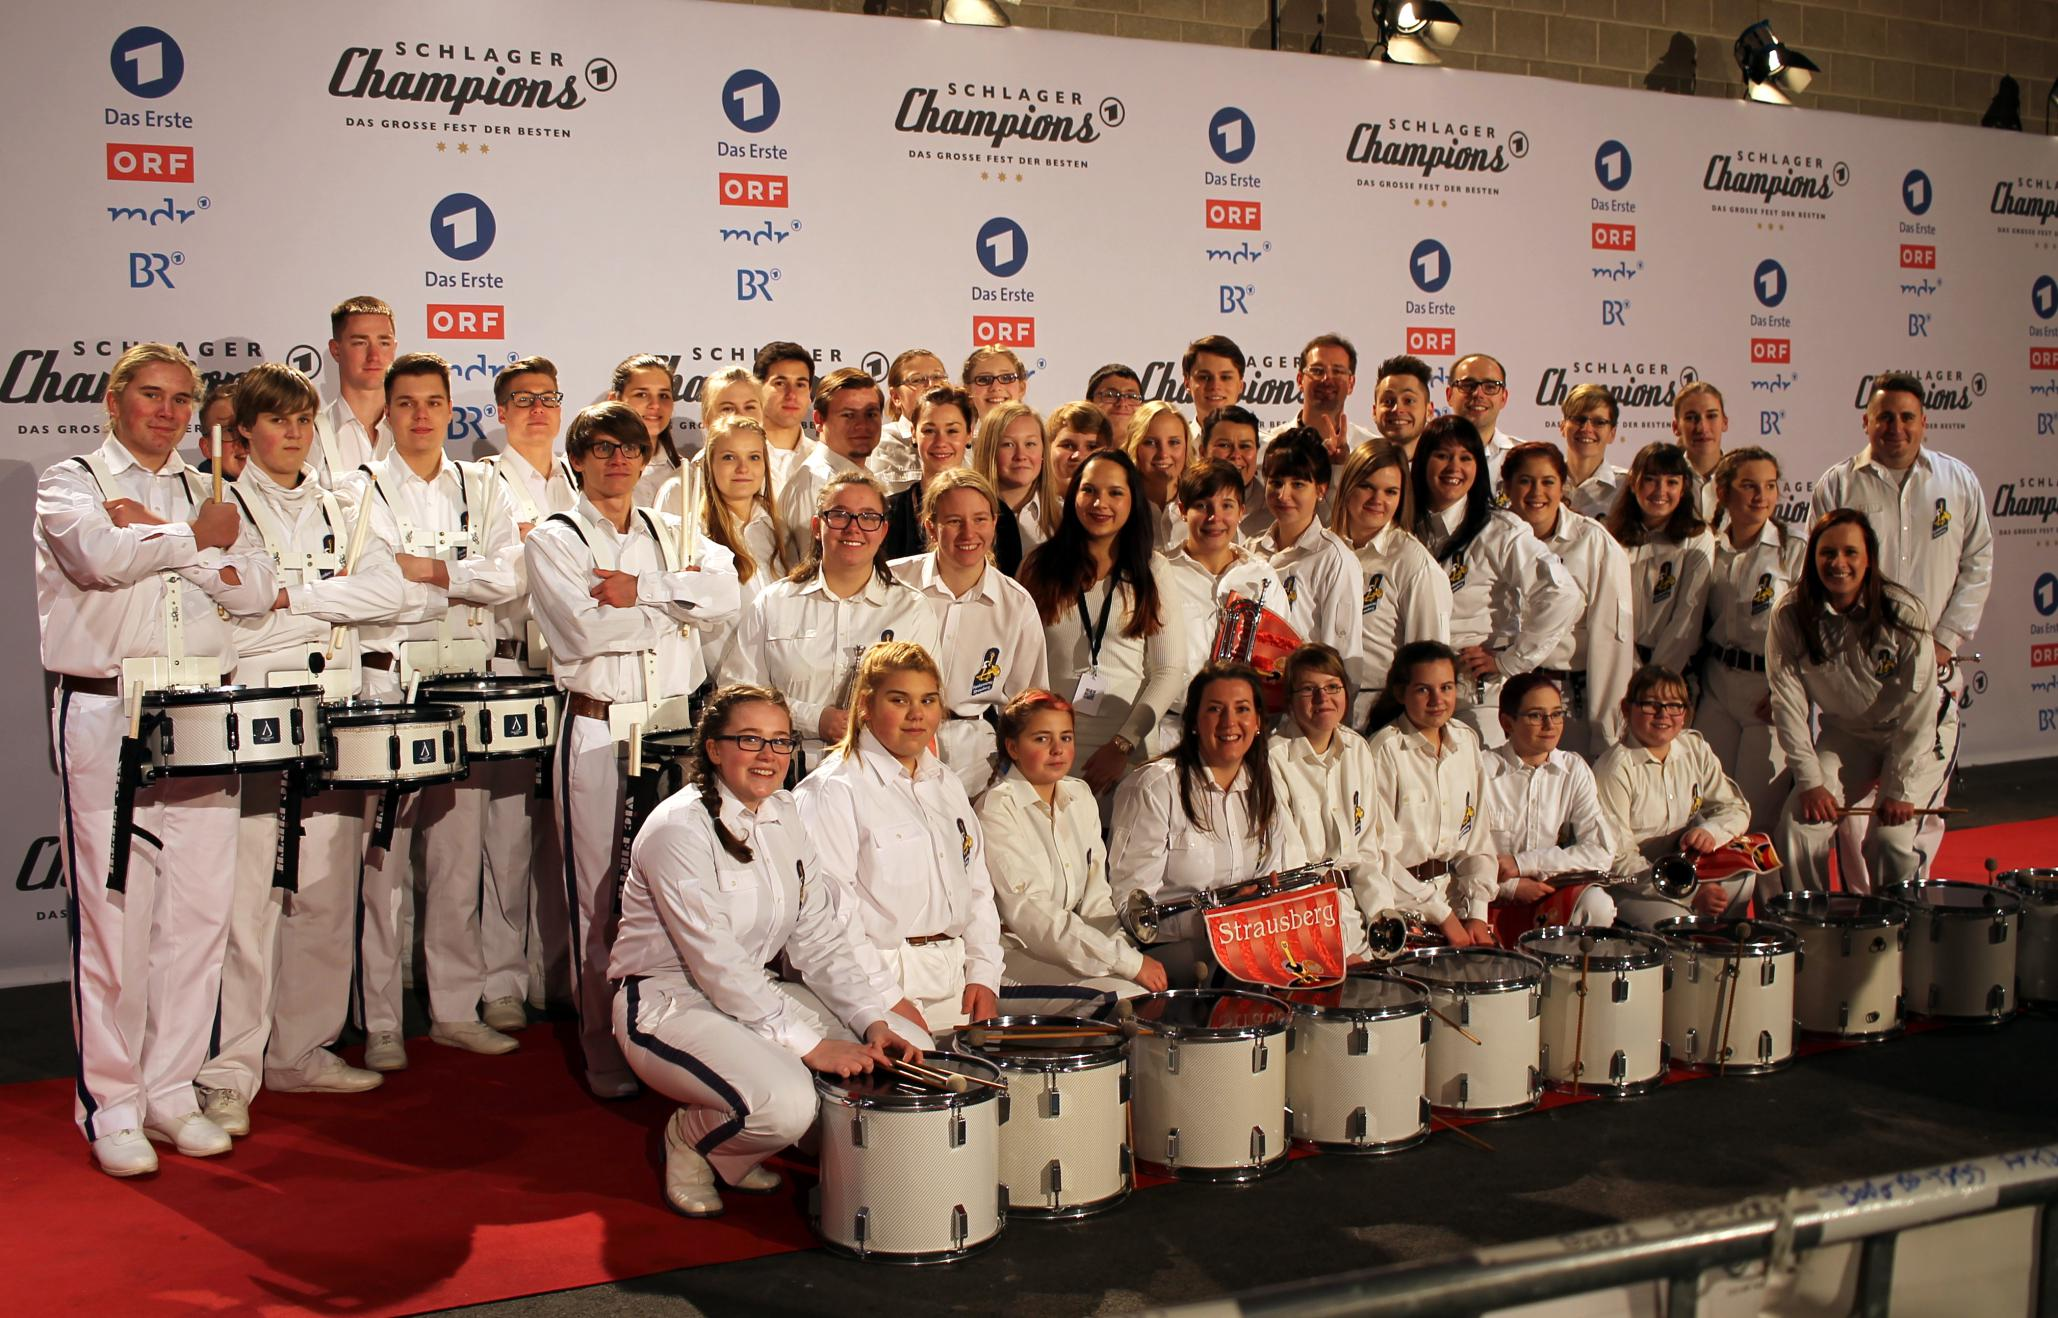 Fanfarenzug-Strausberg-auf-dem-Roten-Teppich